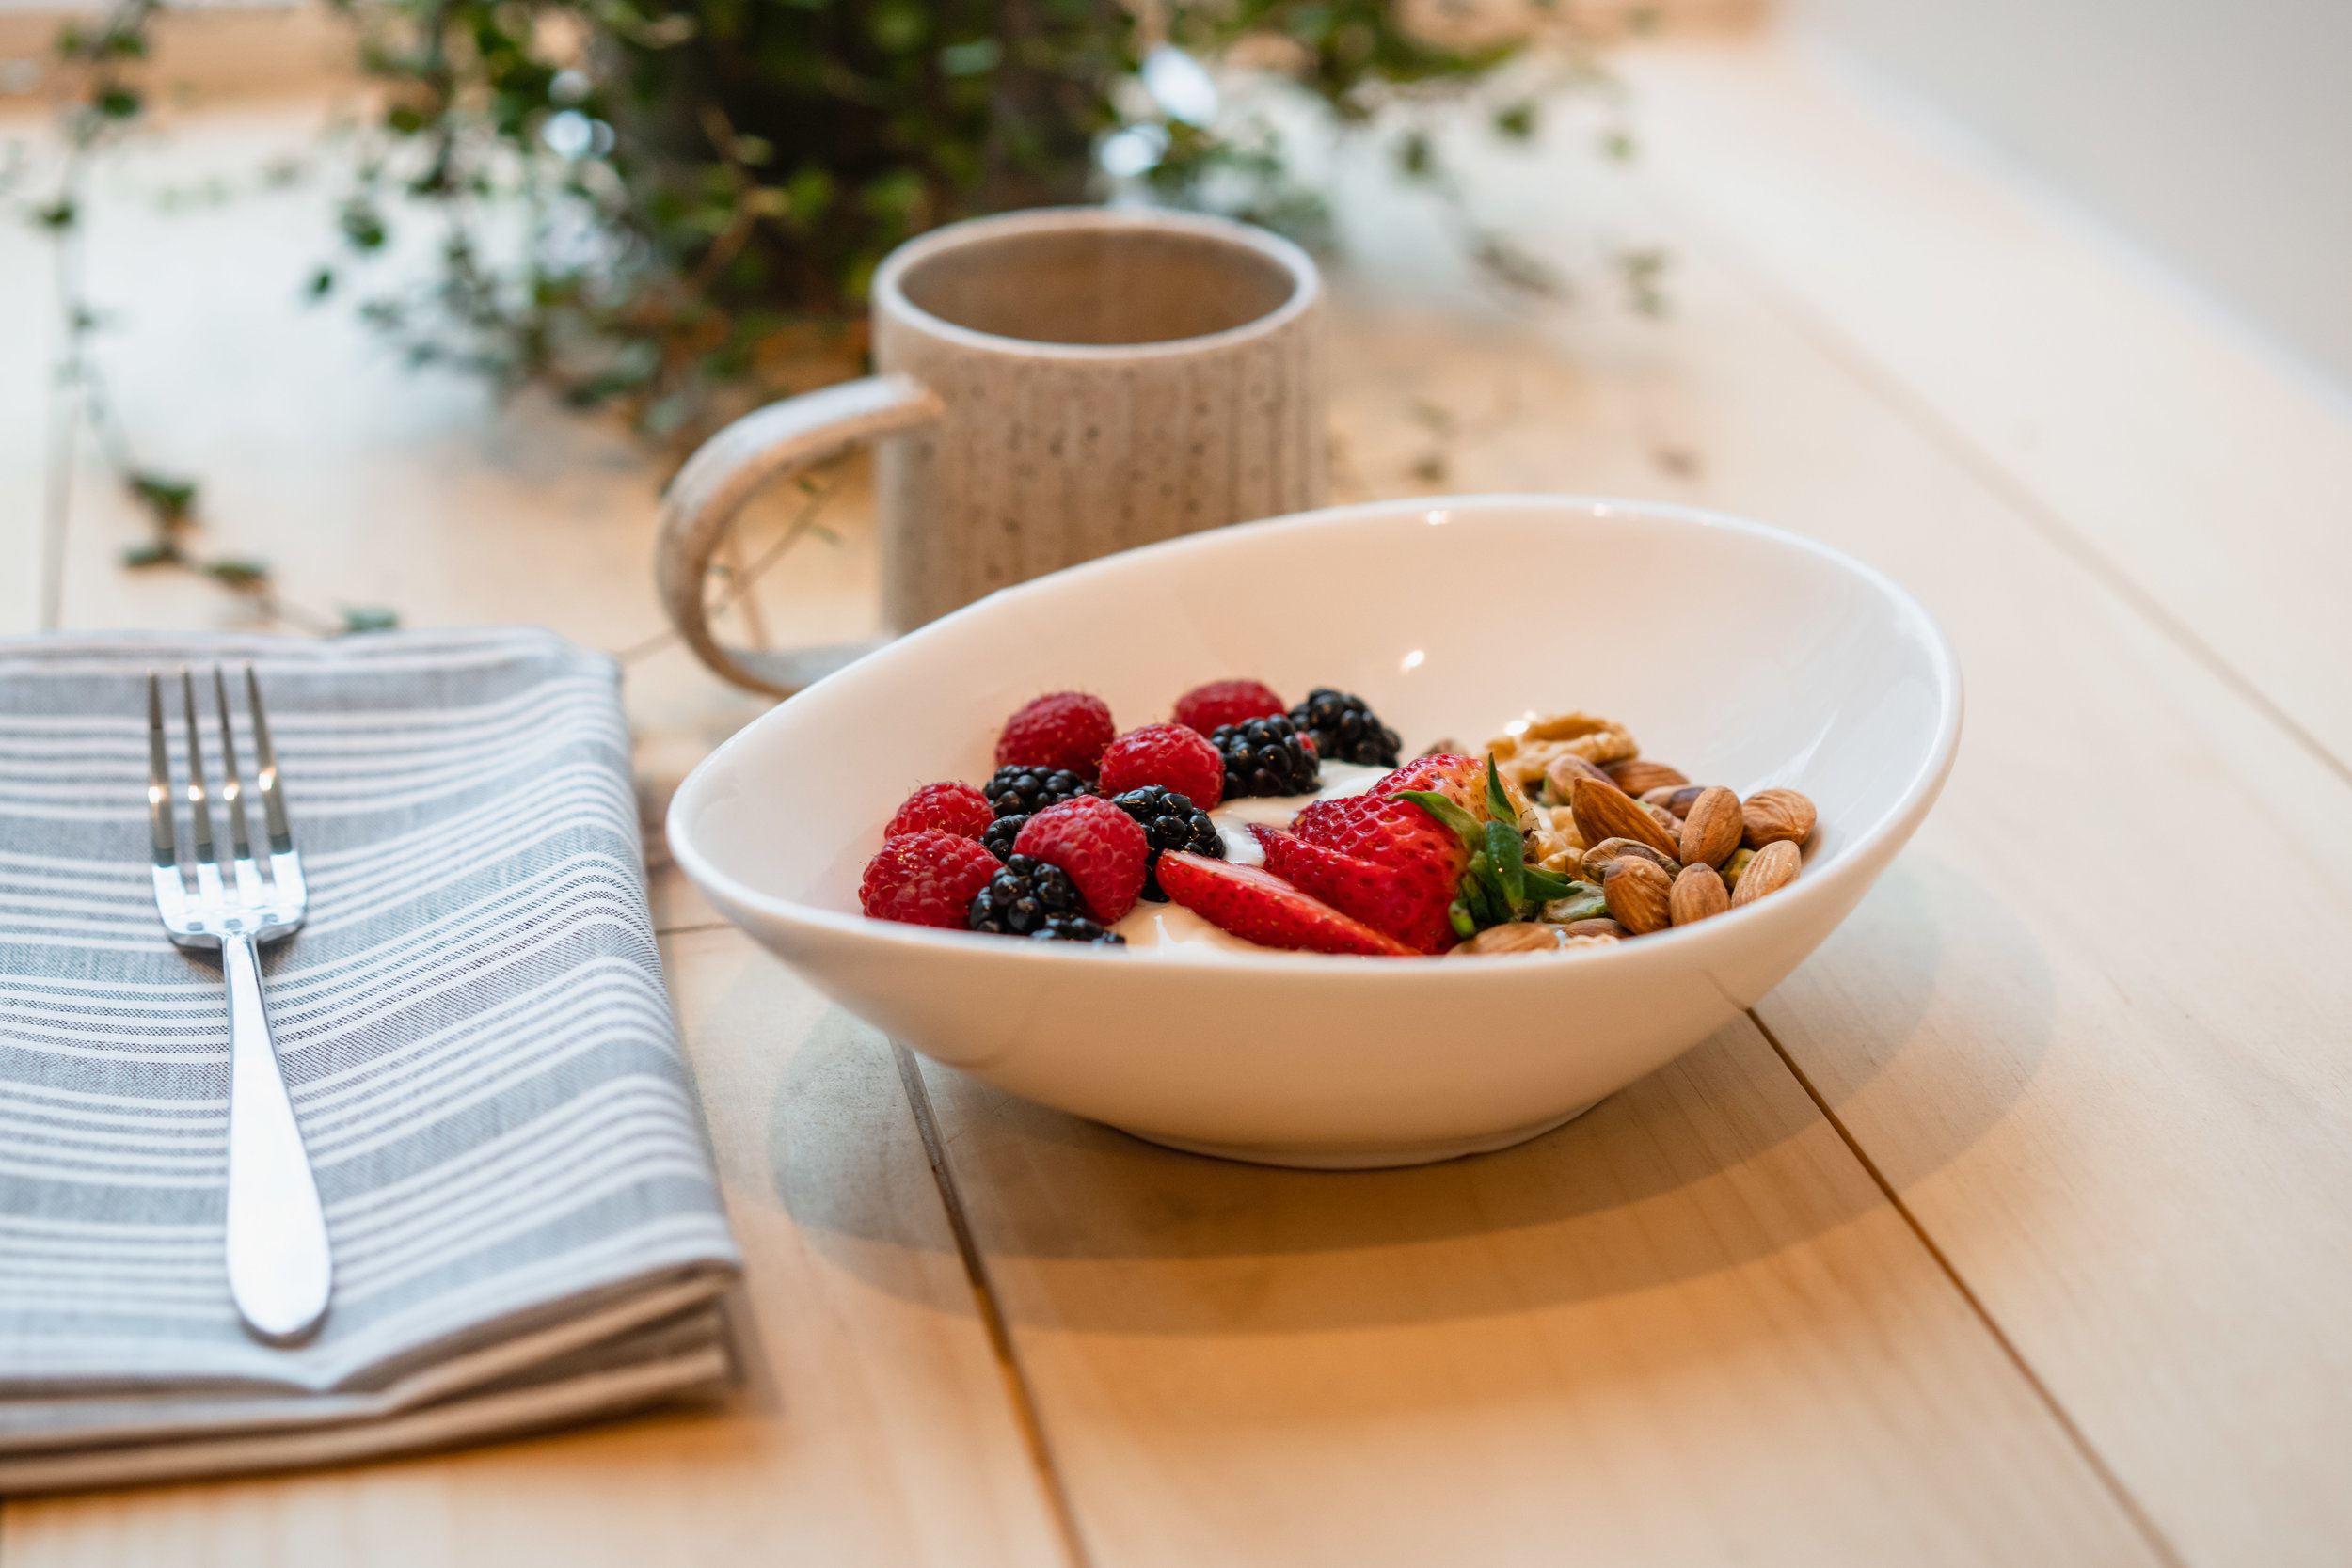 Vegan yogurt, nuts and berries.